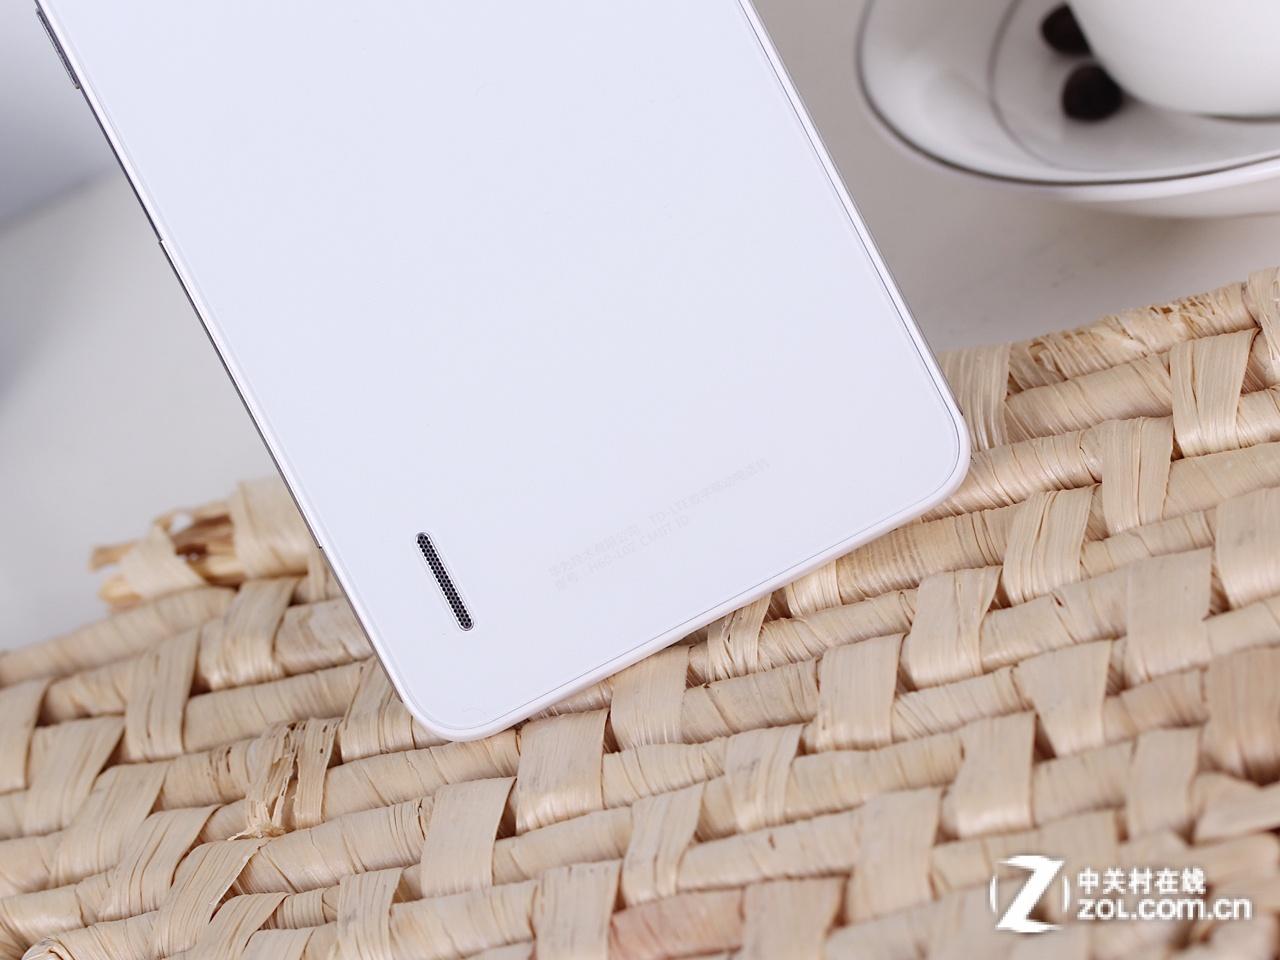 屏幕越大越好? 5英寸级别智能手机推荐